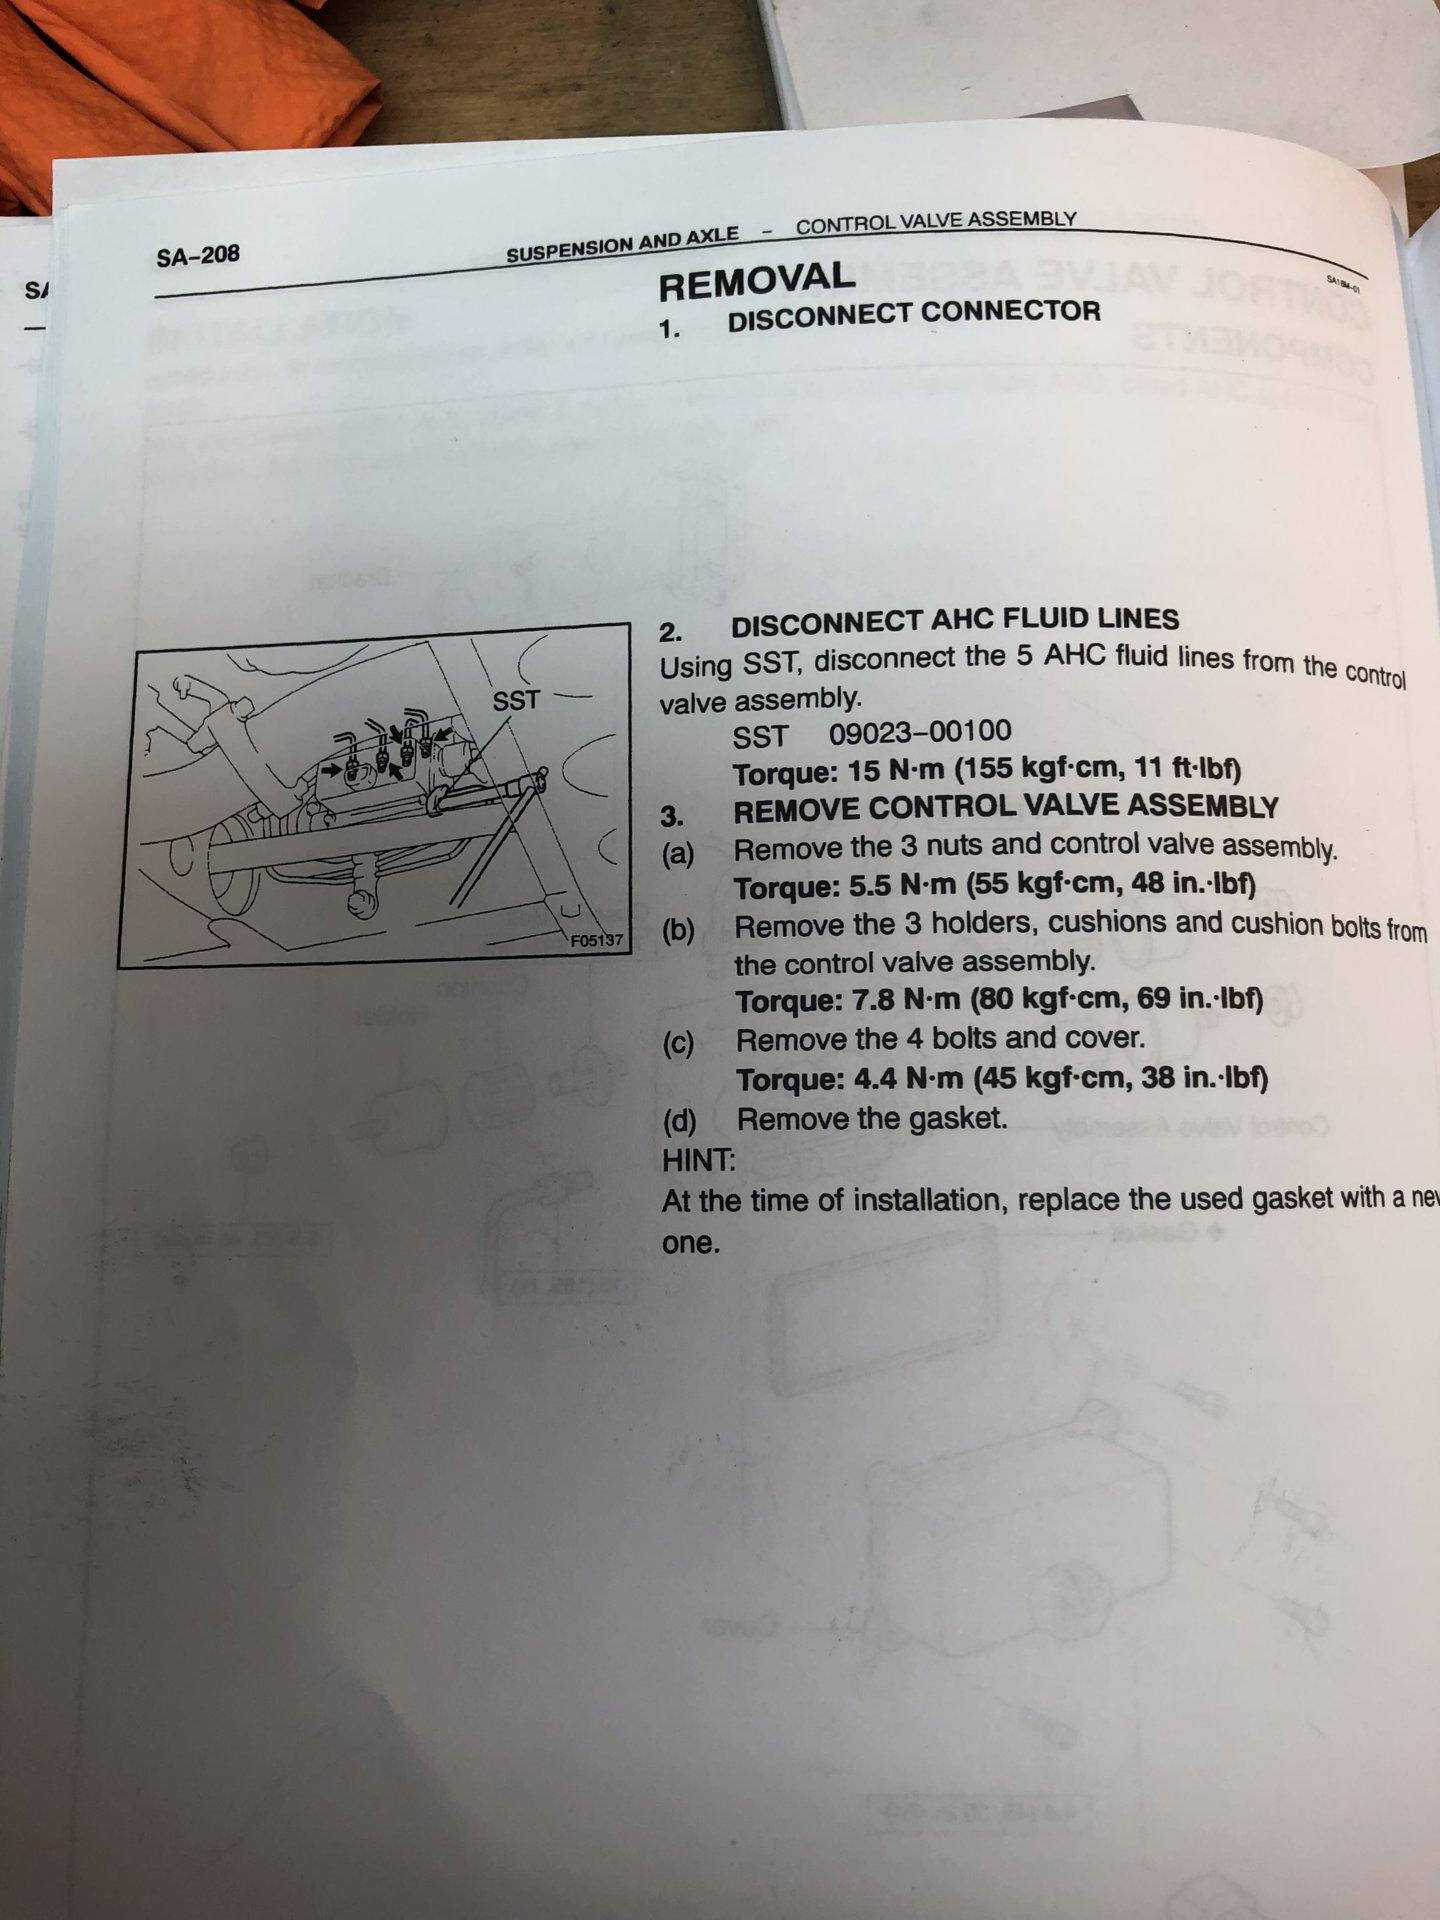 84CDE374-4AC0-47E2-8A98-A5D0C7A11D4C.jpeg